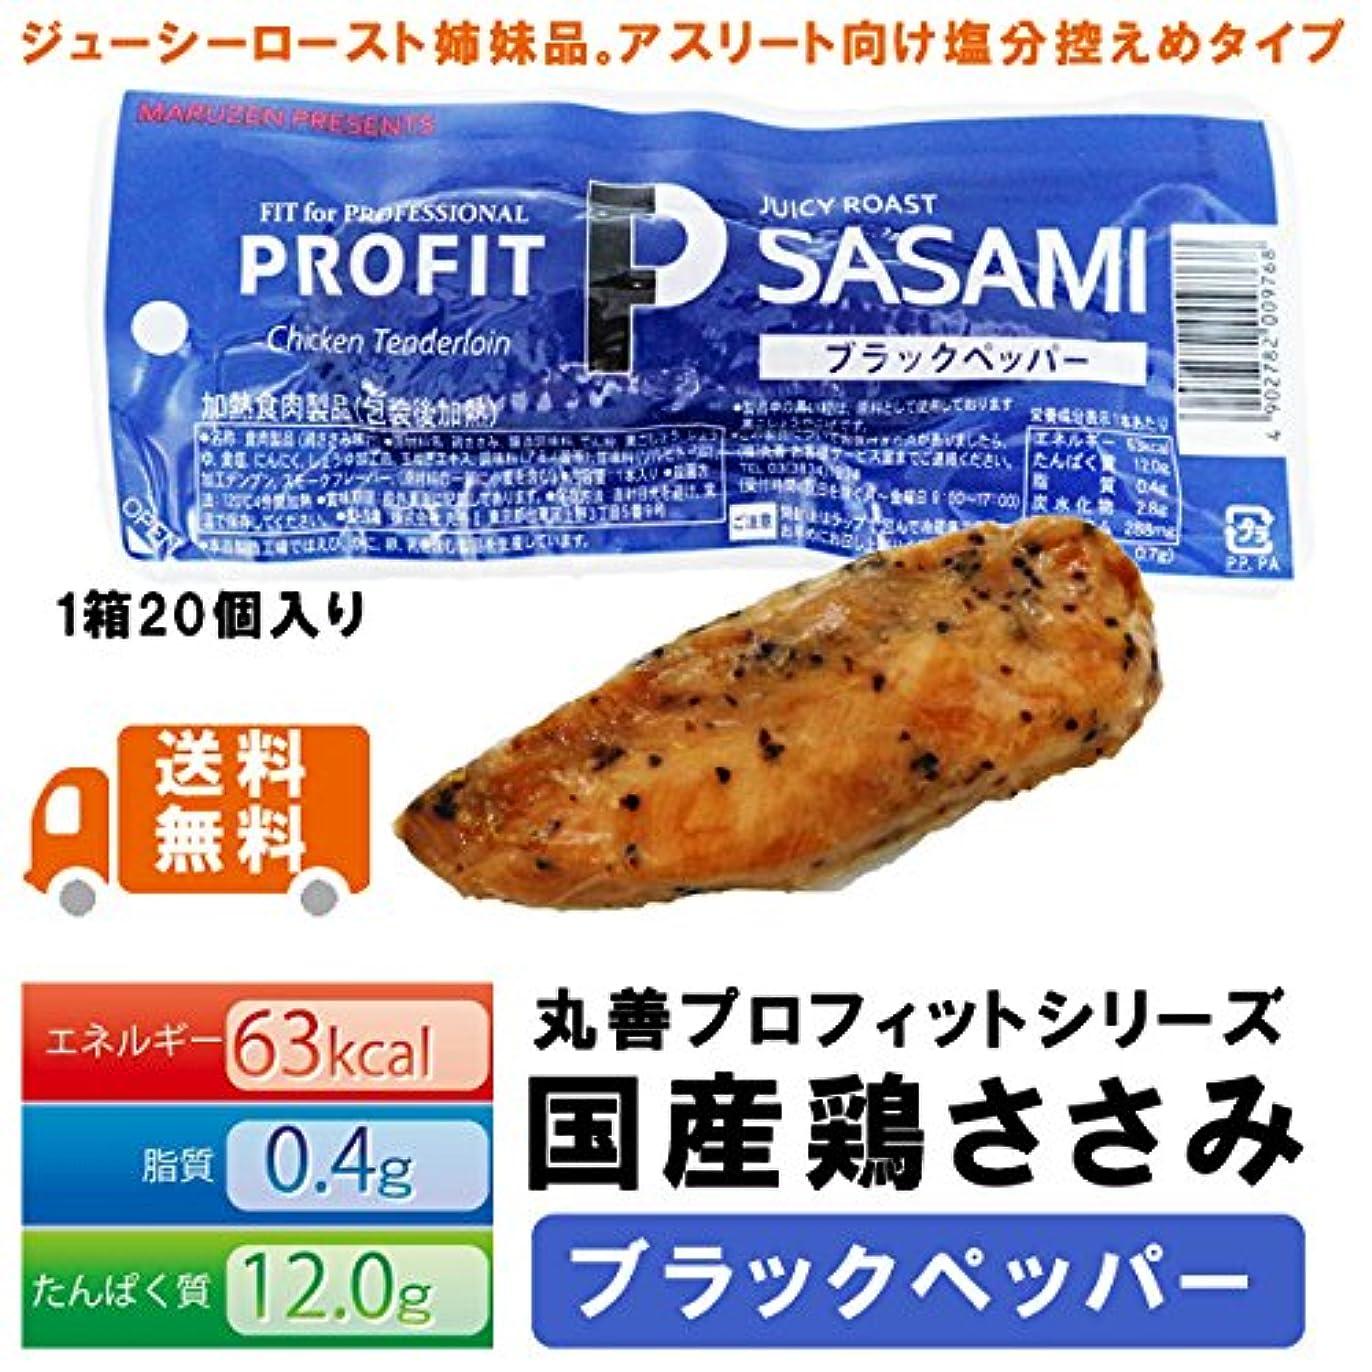 オート神社ピュー丸善 PRO-FIT プロフィットささみ 鶏ささみ ブラックペッパー 1箱20本入り